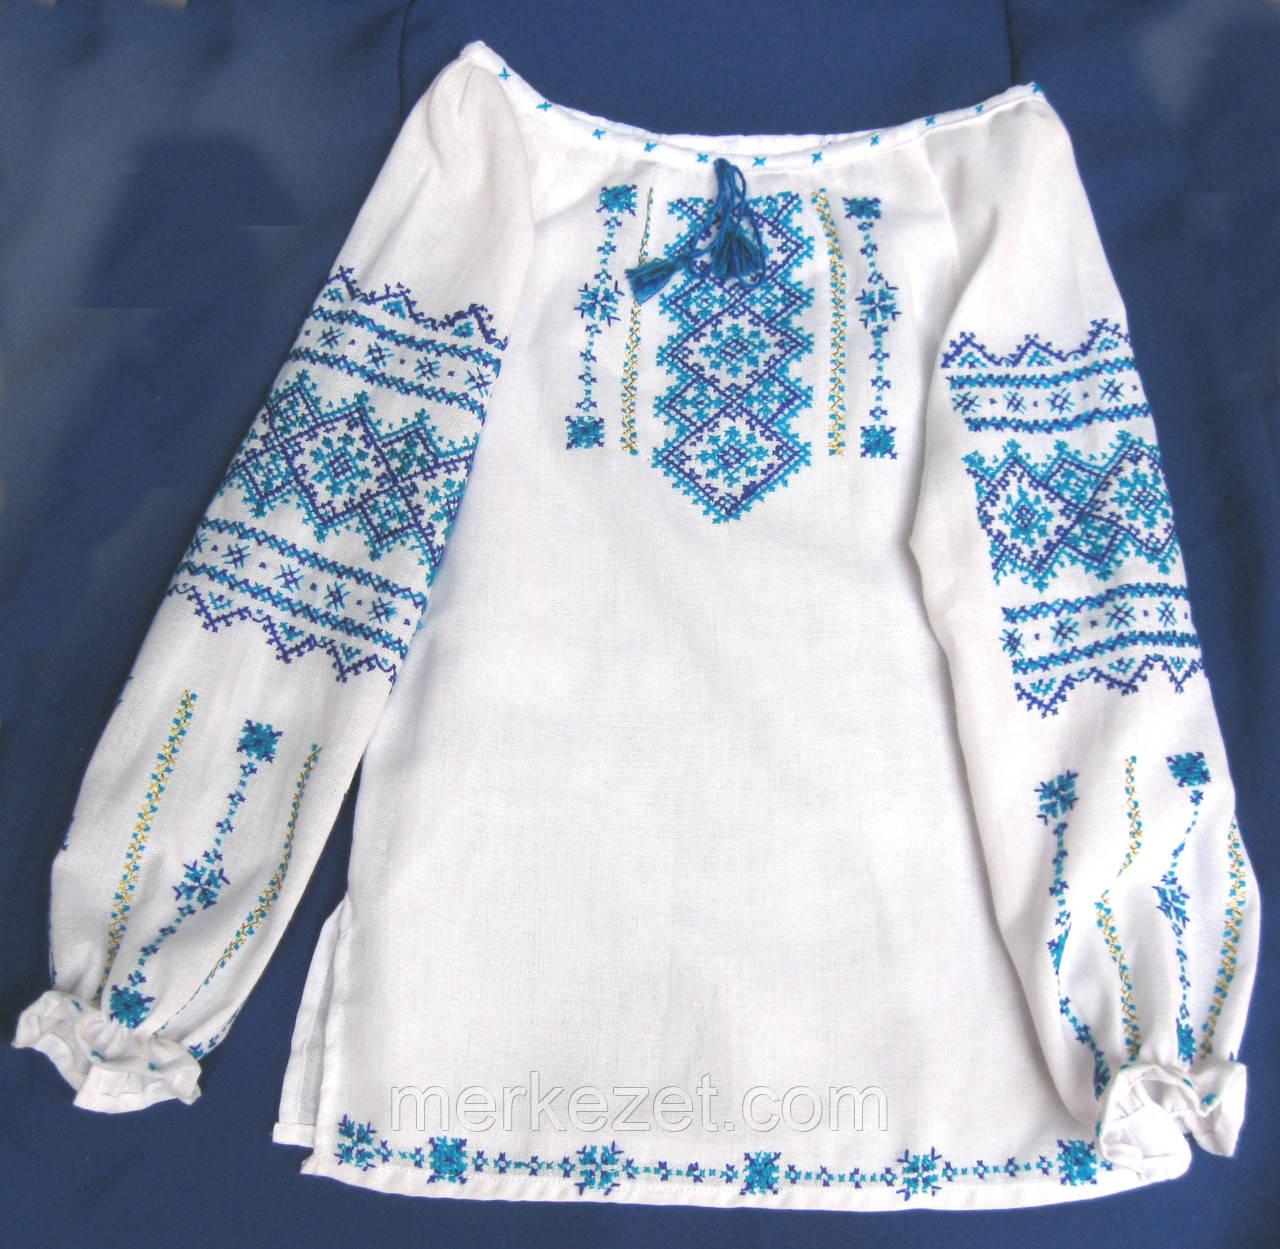 Вышиванка ручная. Детская вышитая блузочка для девочек